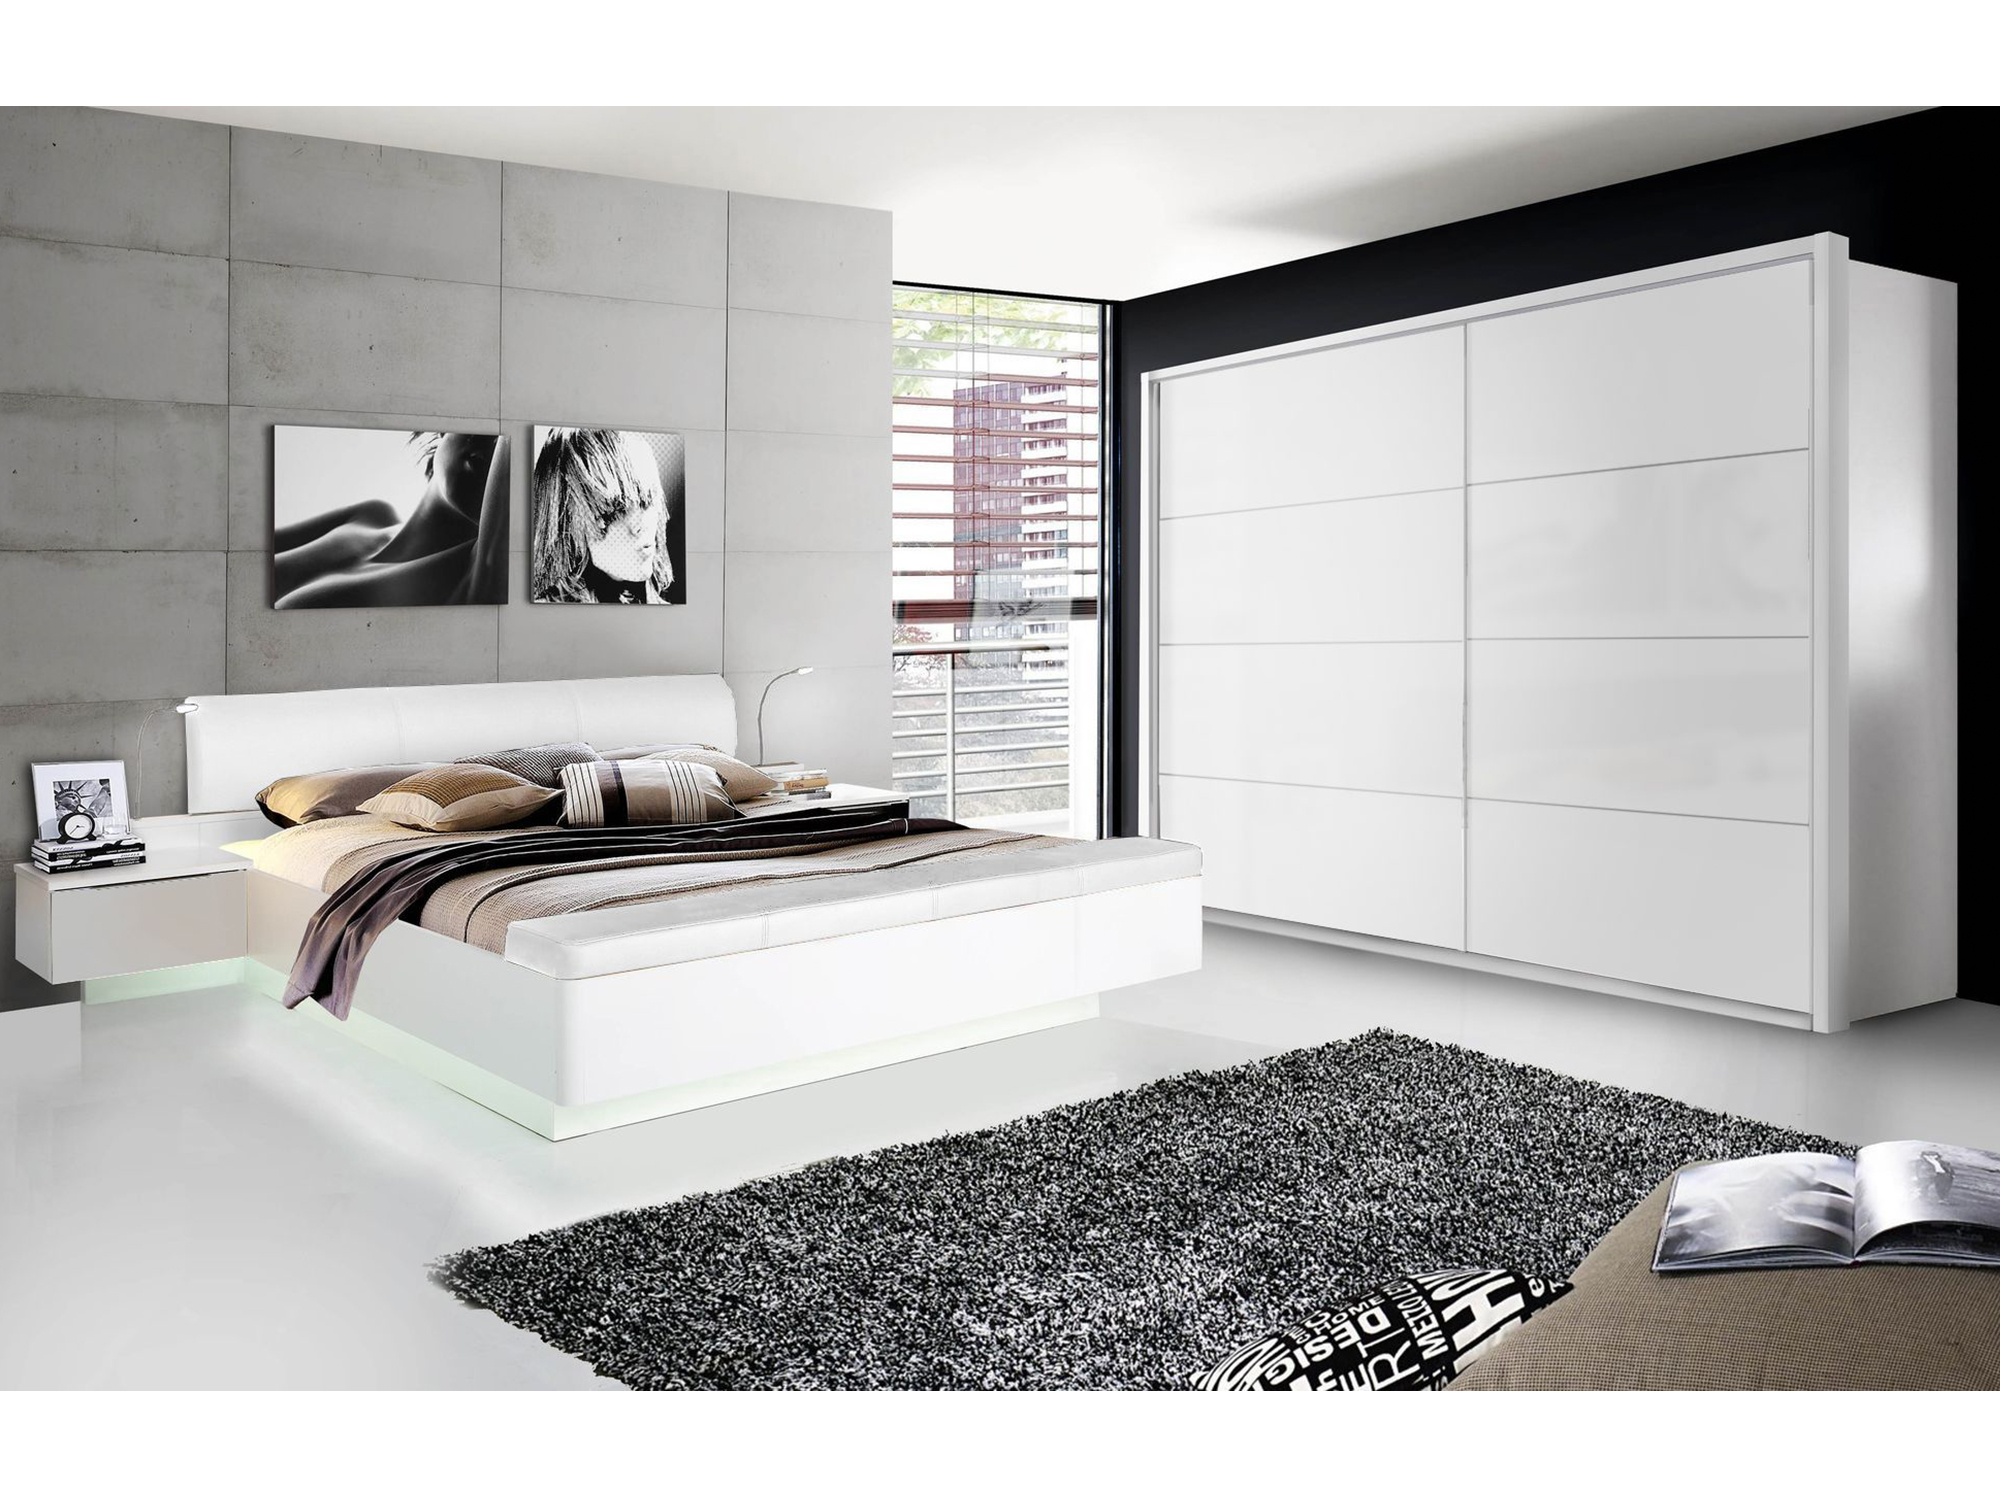 Schlafzimmer Komplett Weiß : silent komplett schlafzimmer weiss hochglanz 4 teilig 200 cm ~ Orissabook.com Haus und Dekorationen